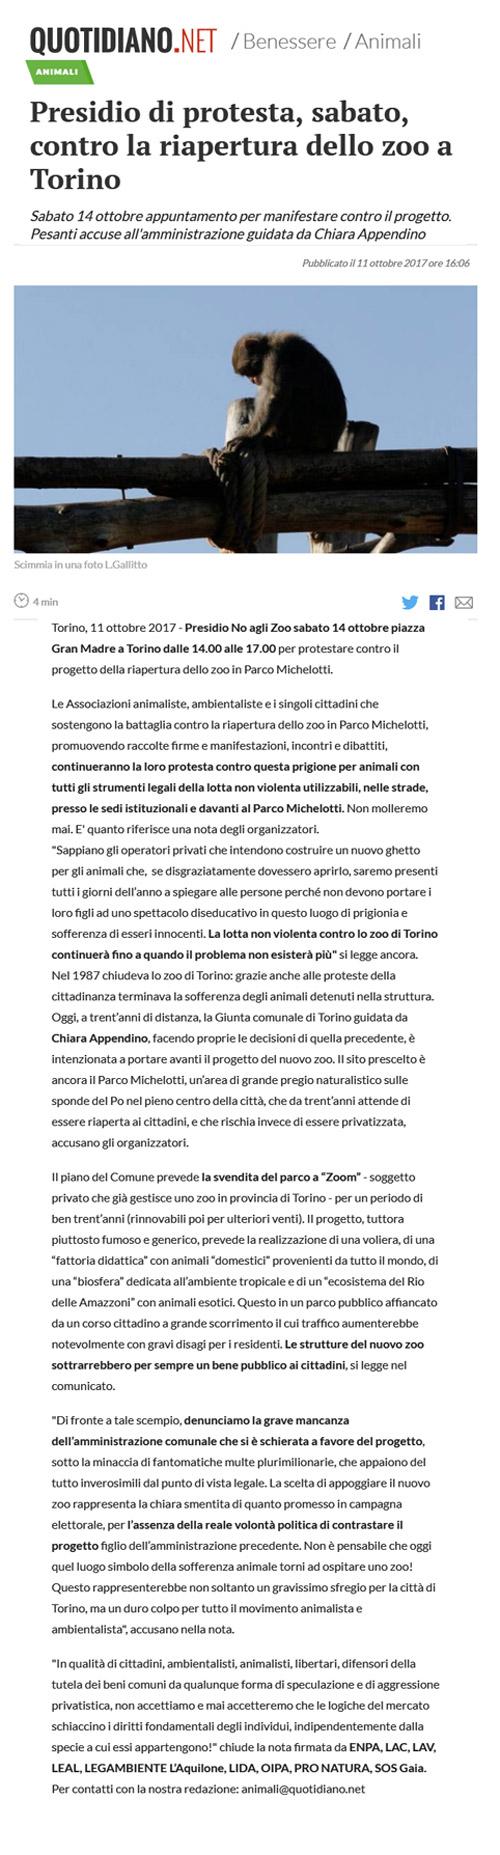 Quotidiano.net - 11 ottobre 2017 - Presidio NO AGLI ZOO, 14 ottobre 2017, Torino